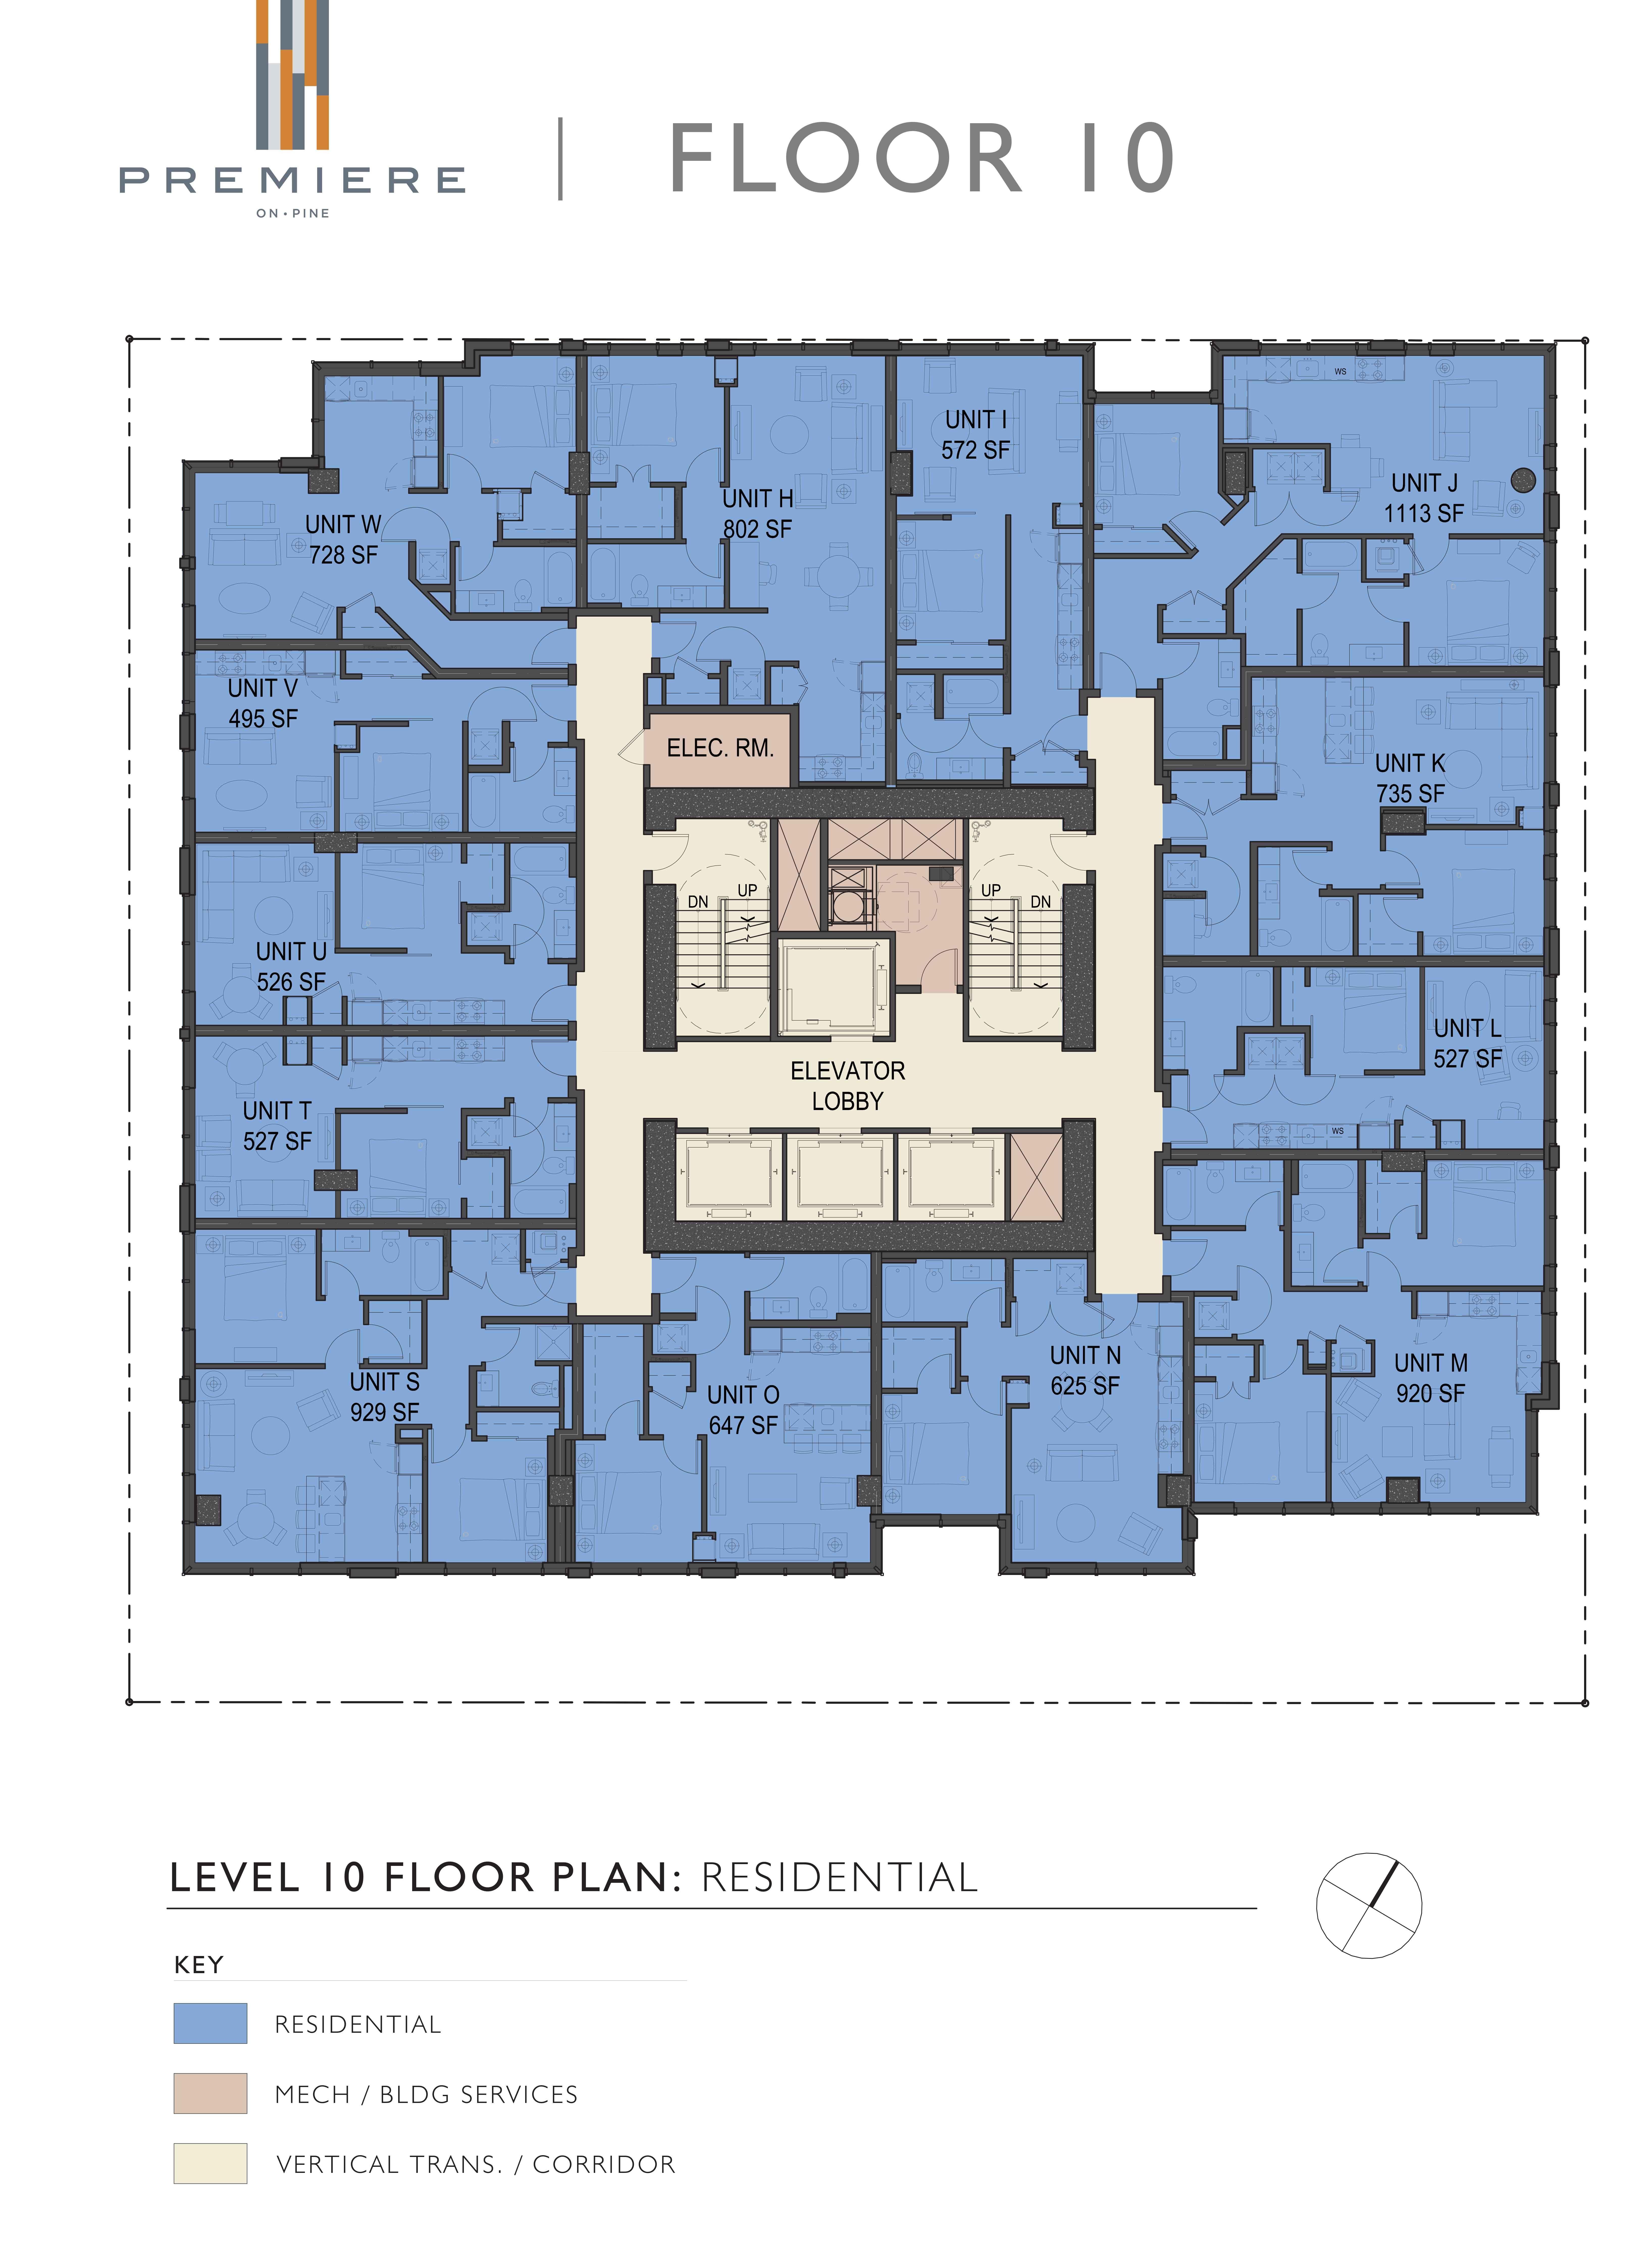 5 bedroom luxury floor plans